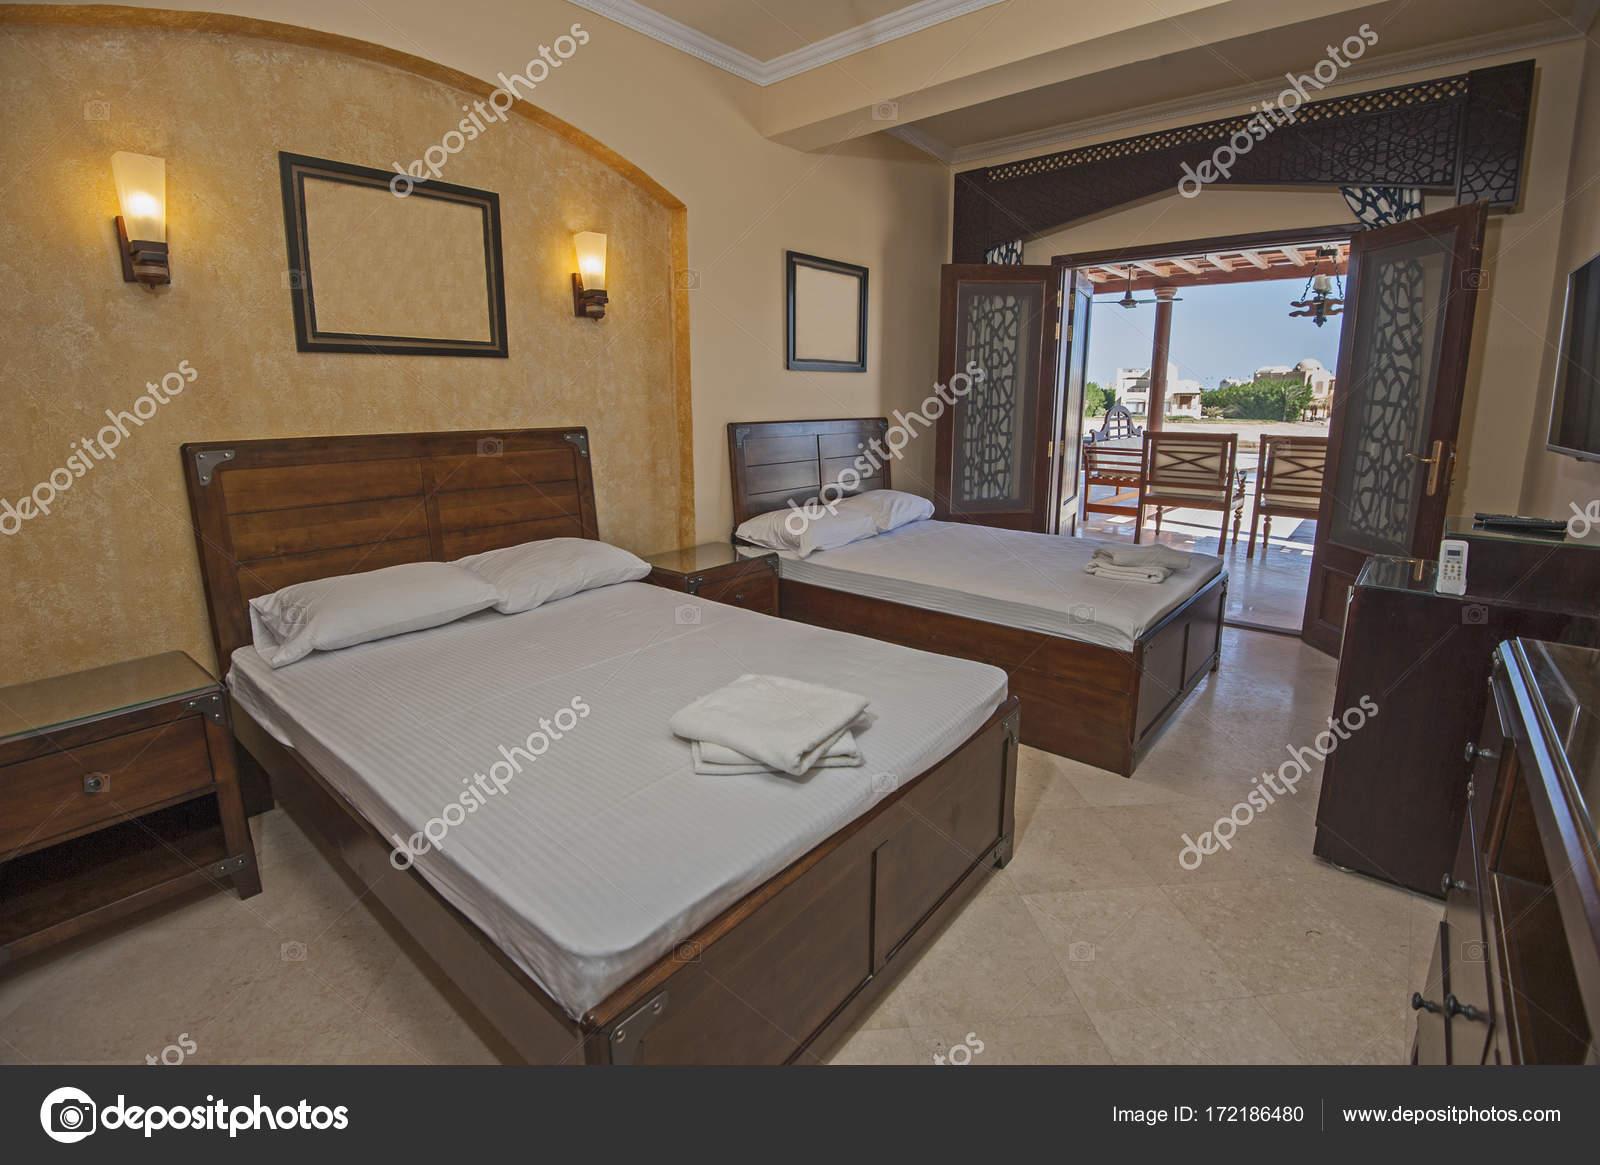 Inneneinrichtung der Zimmer im Haus mit Blick aufs Meer — Stockfoto ...